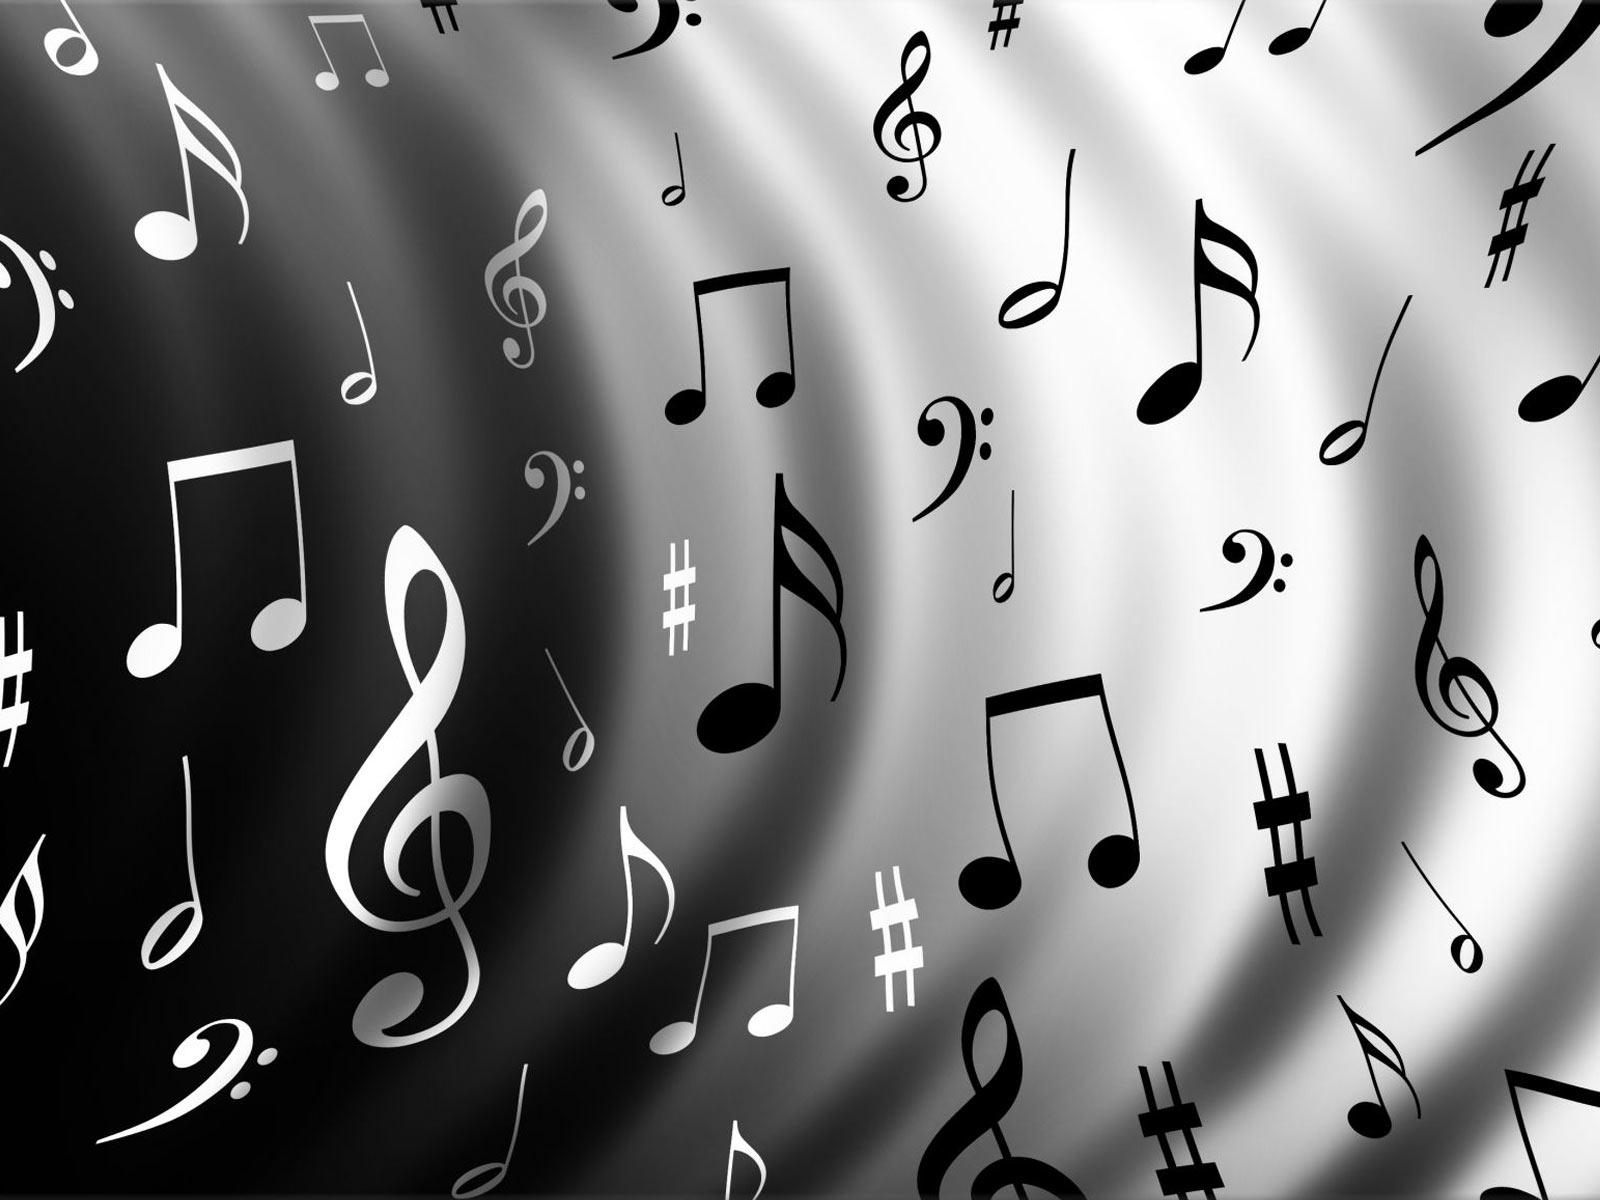 music notes wallpaper   Music Wallpaper 24113988 1600x1200